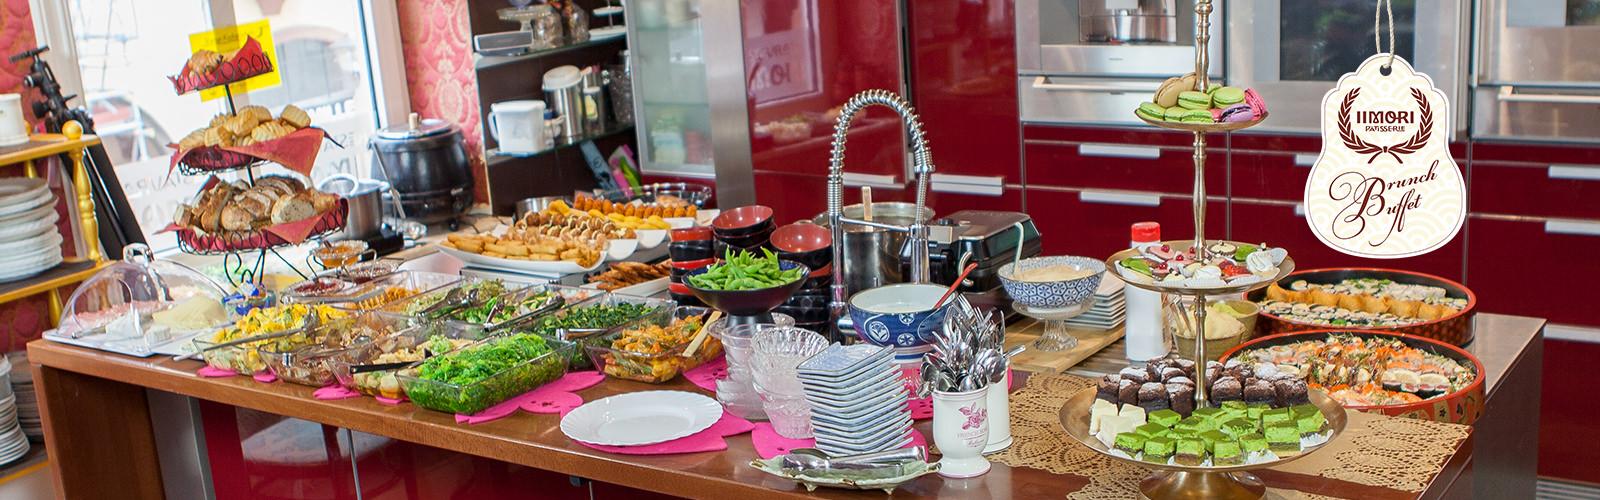 Brilliant Iimori Patisserie Cafe Japanisches Restaurant In Der Download Free Architecture Designs Viewormadebymaigaardcom